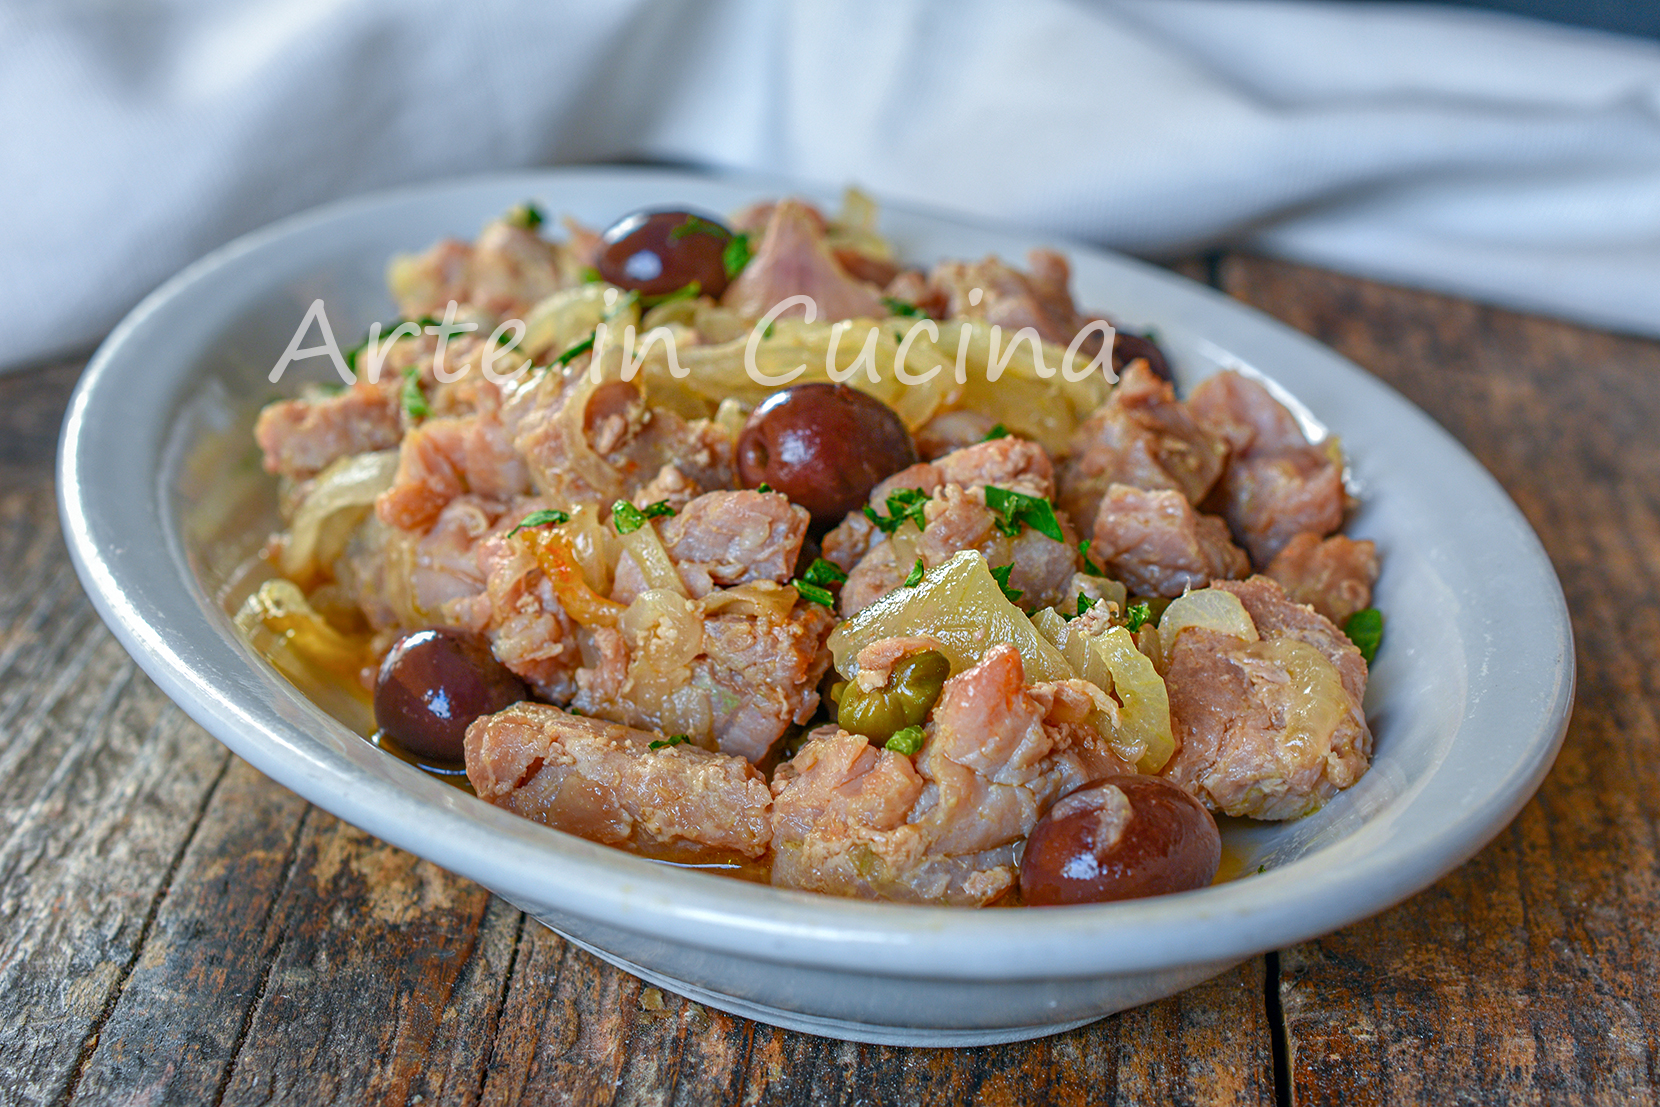 Tonno con cipolle e olive secondo veloce in padella